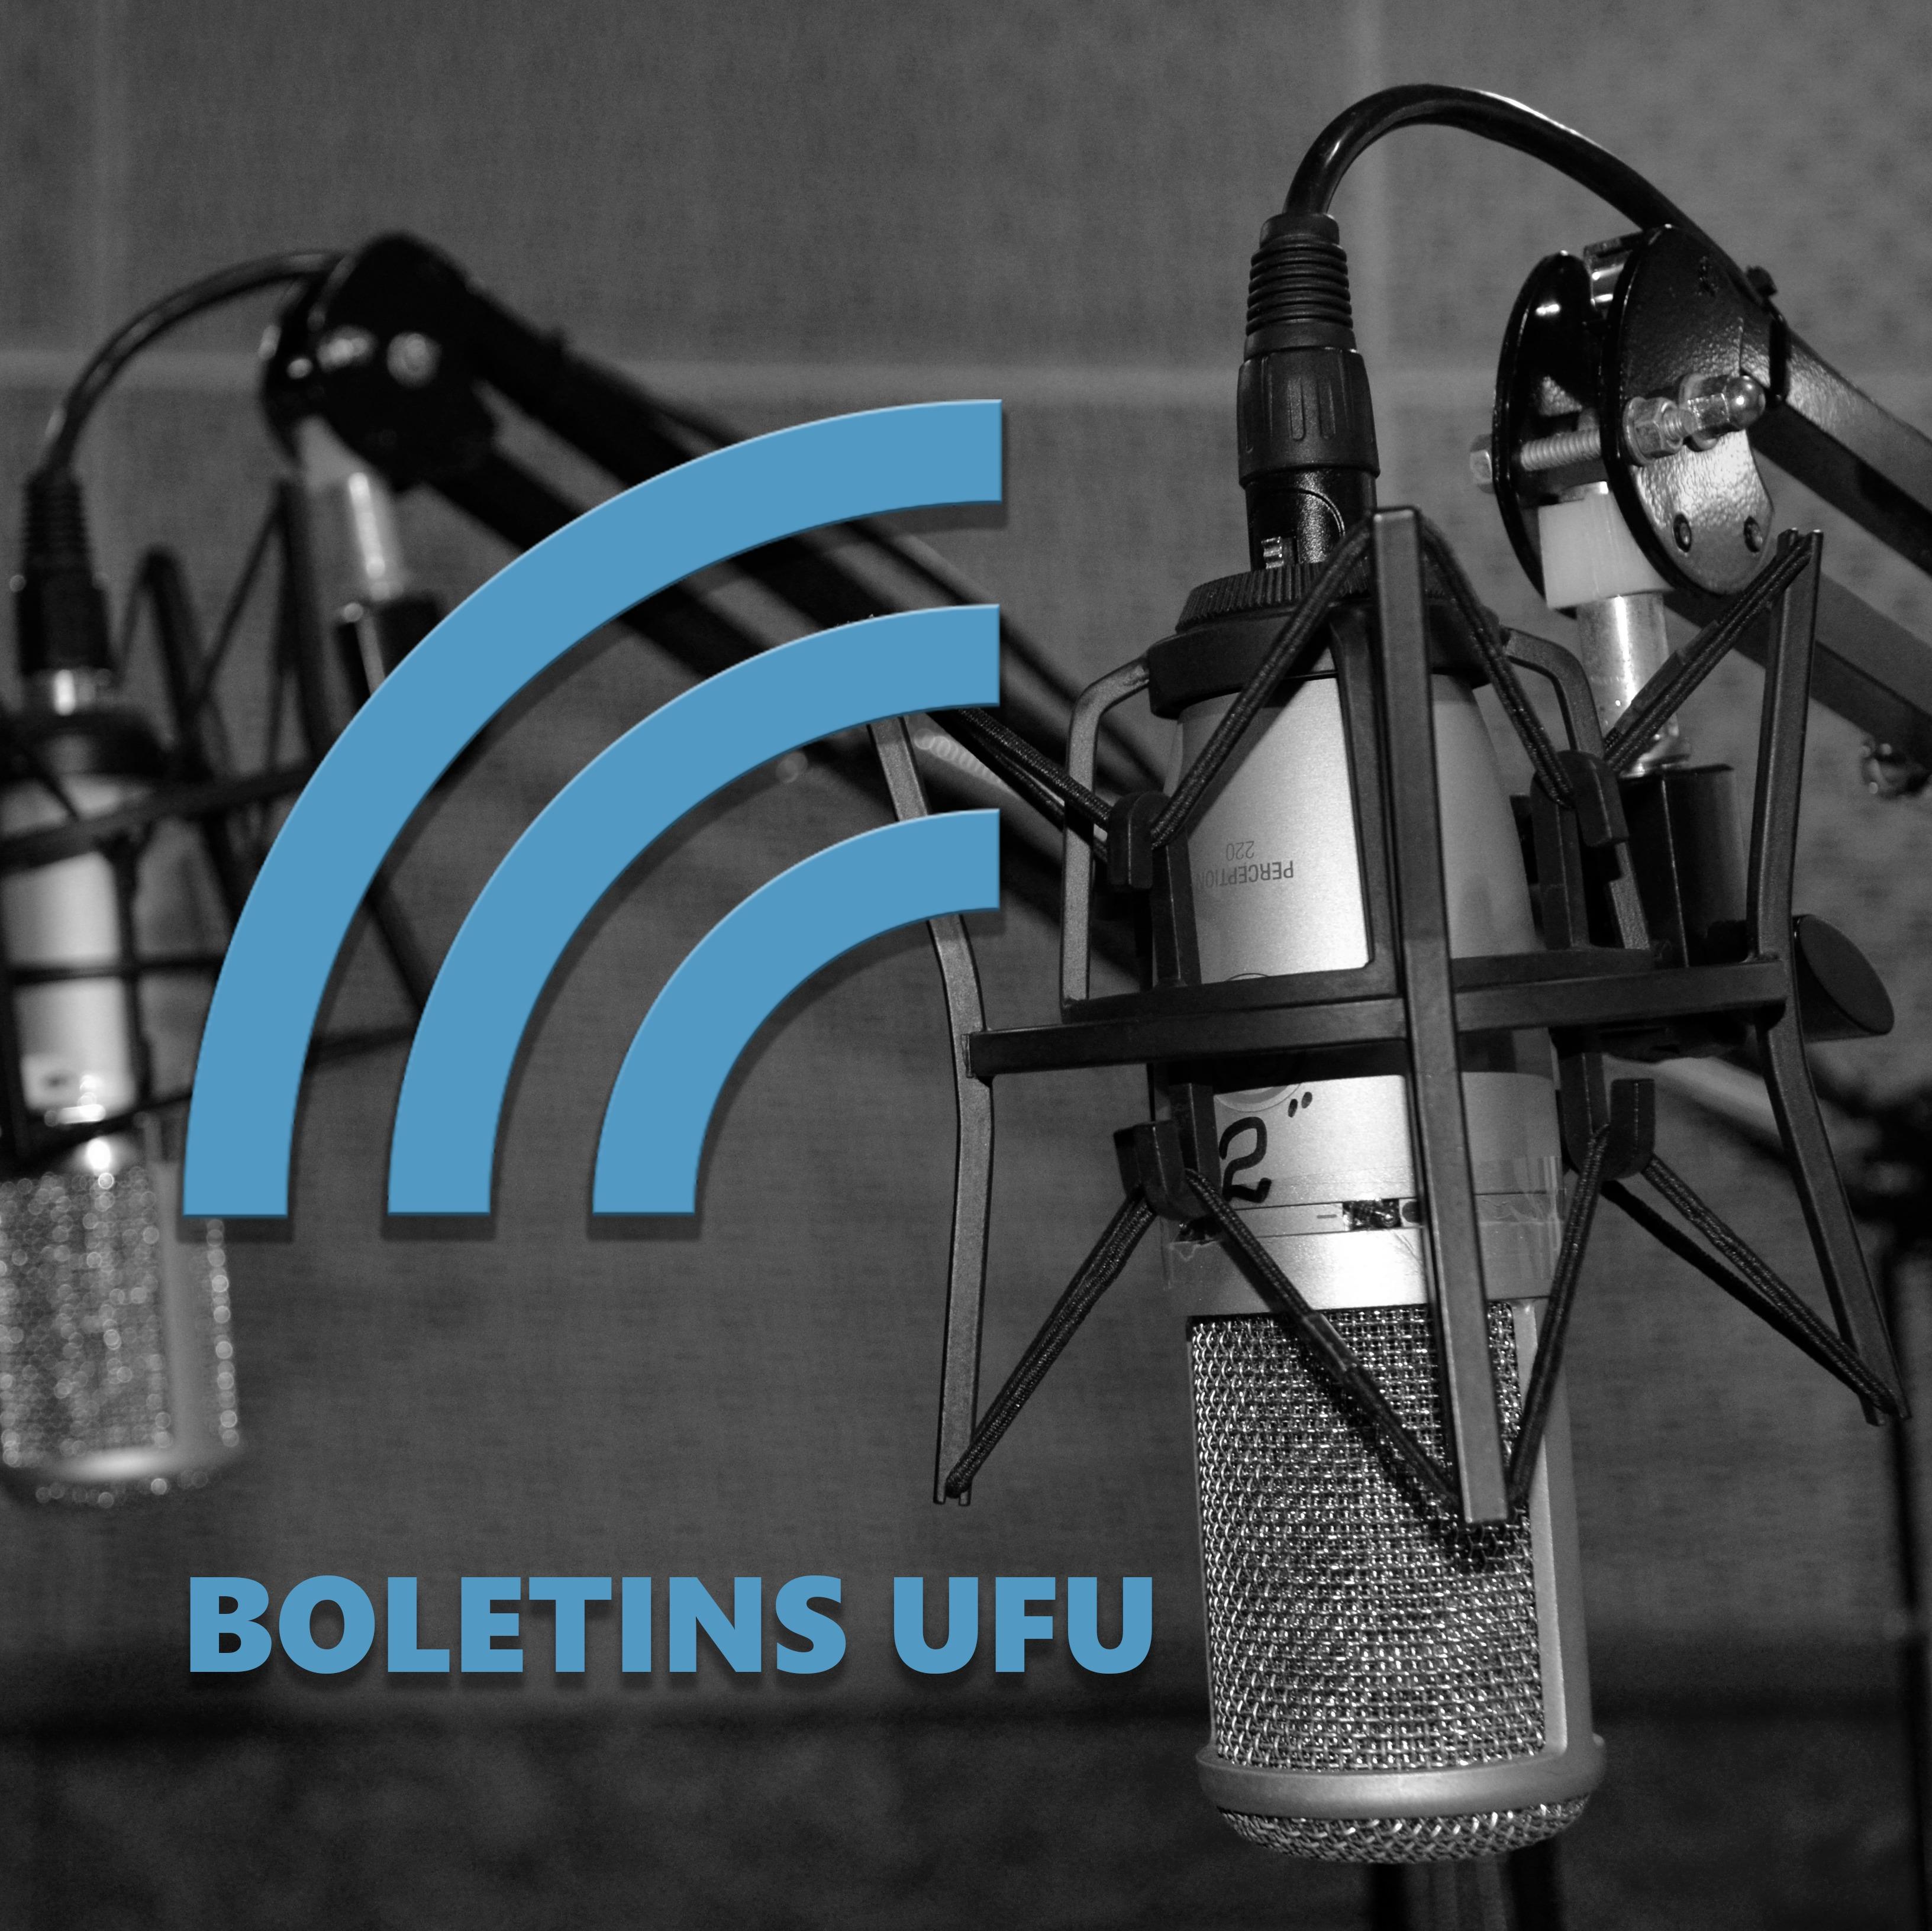 Comunica UFU - 11/10/2018 - Cartilha boas práticas